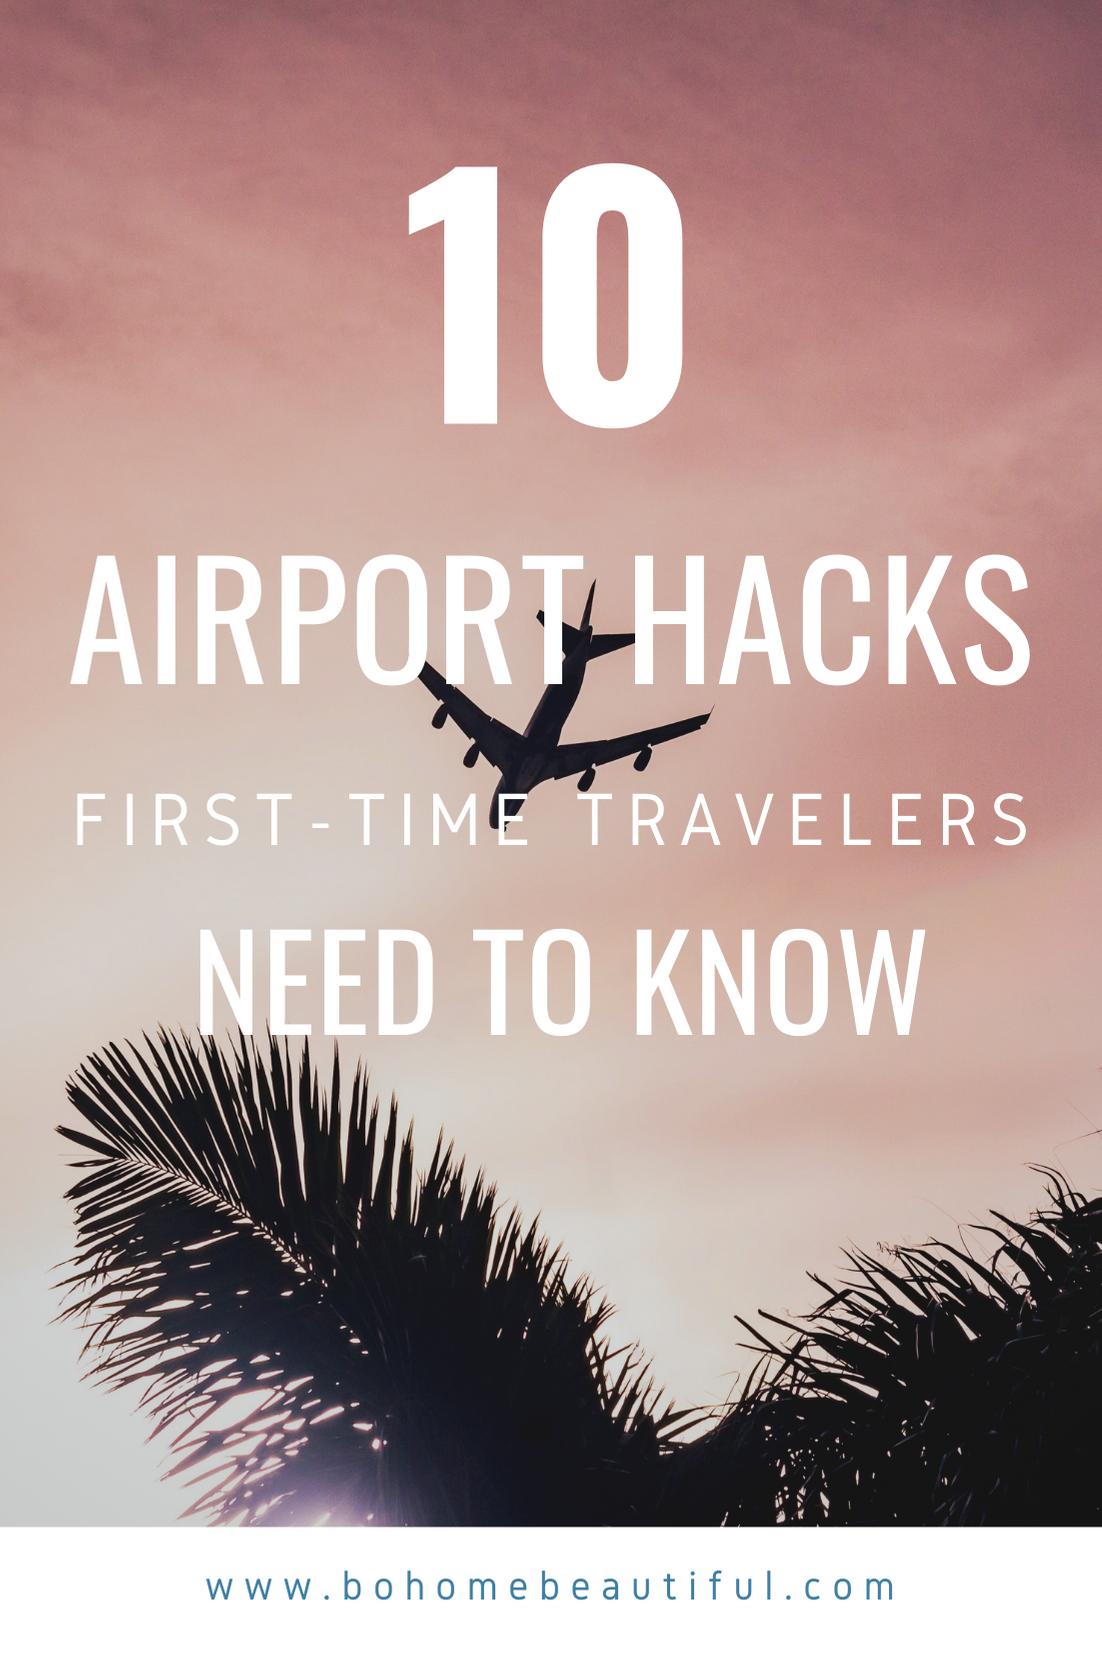 1o ultimate airport hacks